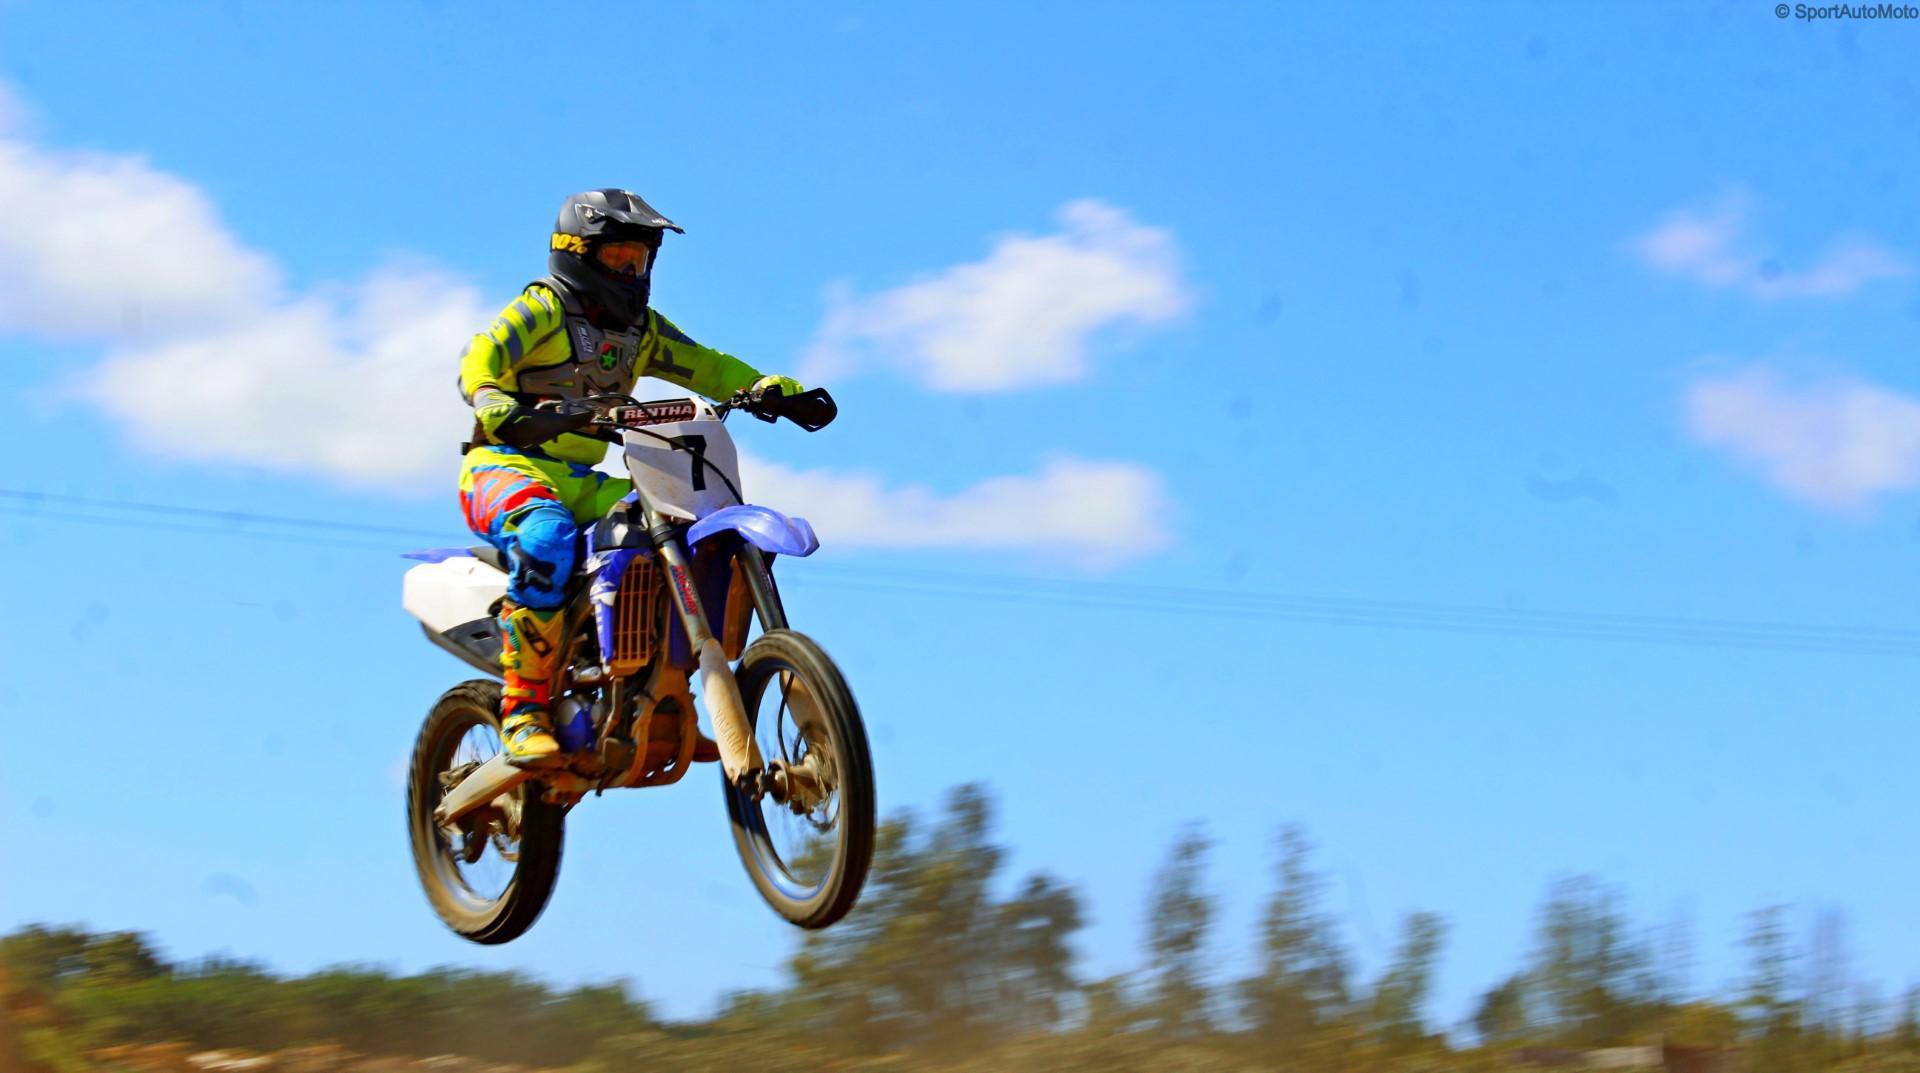 championnat-du-maroc-de-motocross-kenitra-774-7.jpg